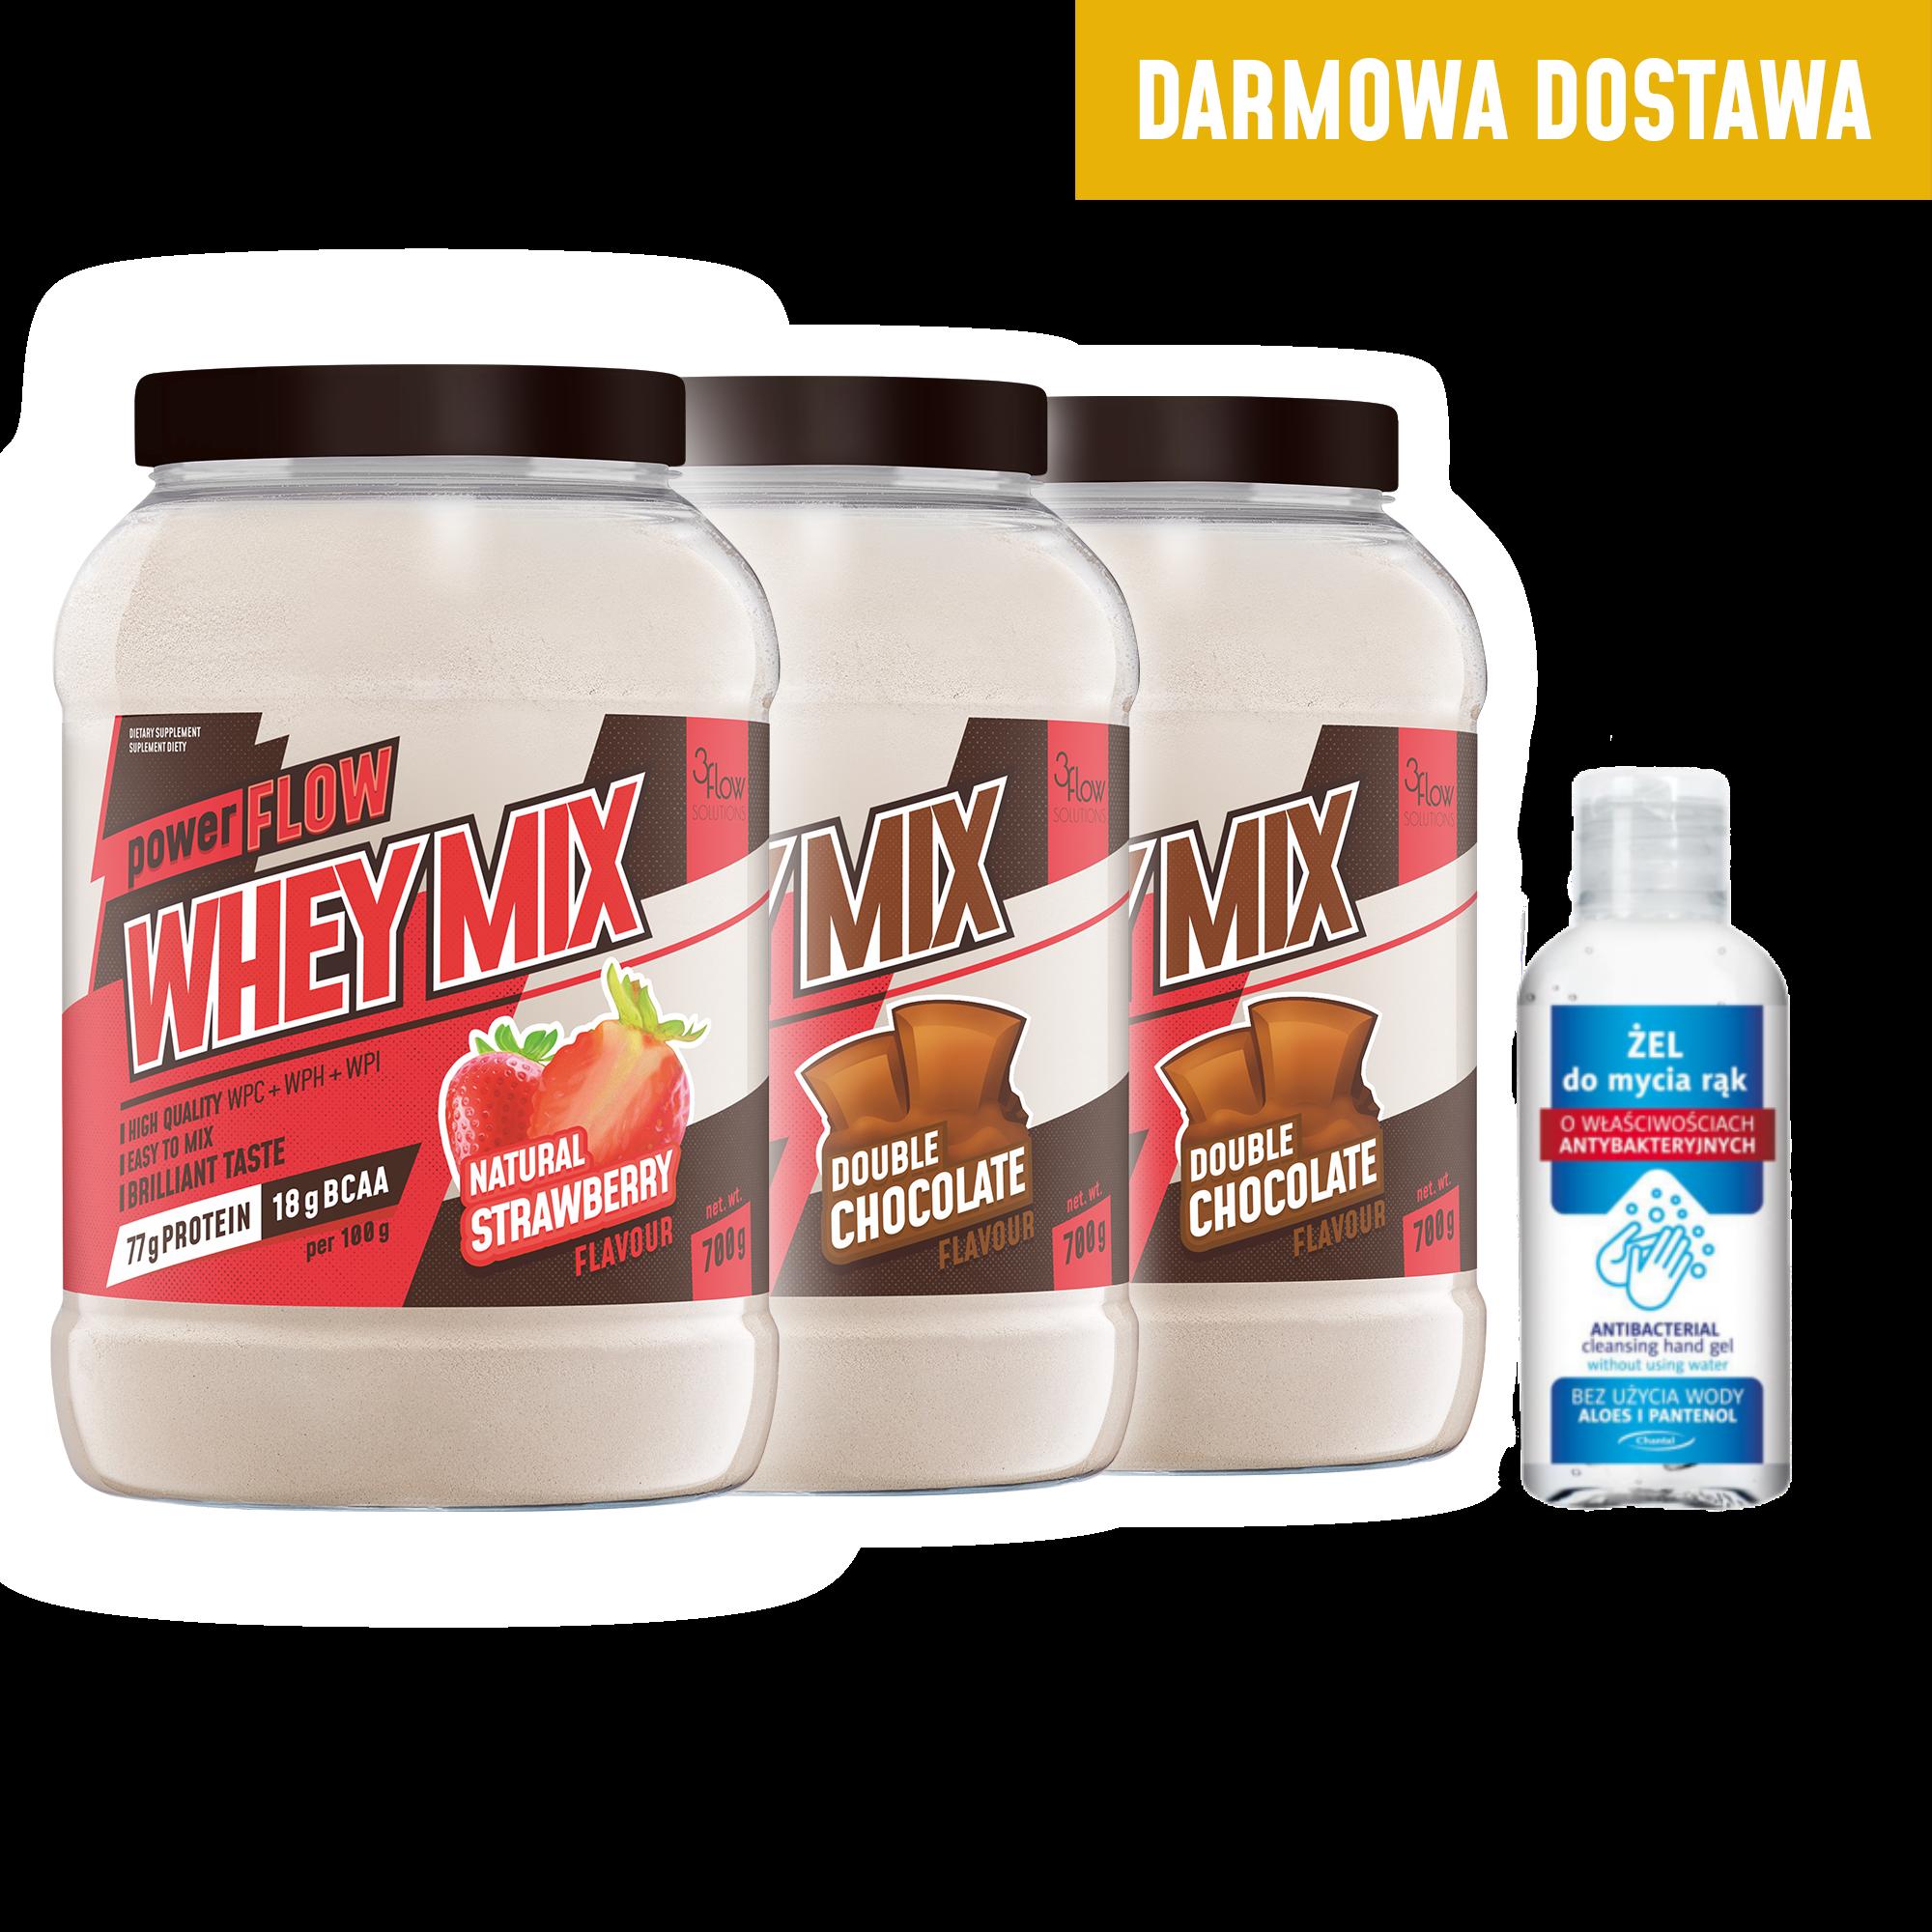 powerFLOW WHEY MIX 3pak + żel antybakteryjny 100ml i dostawa GRATIS!